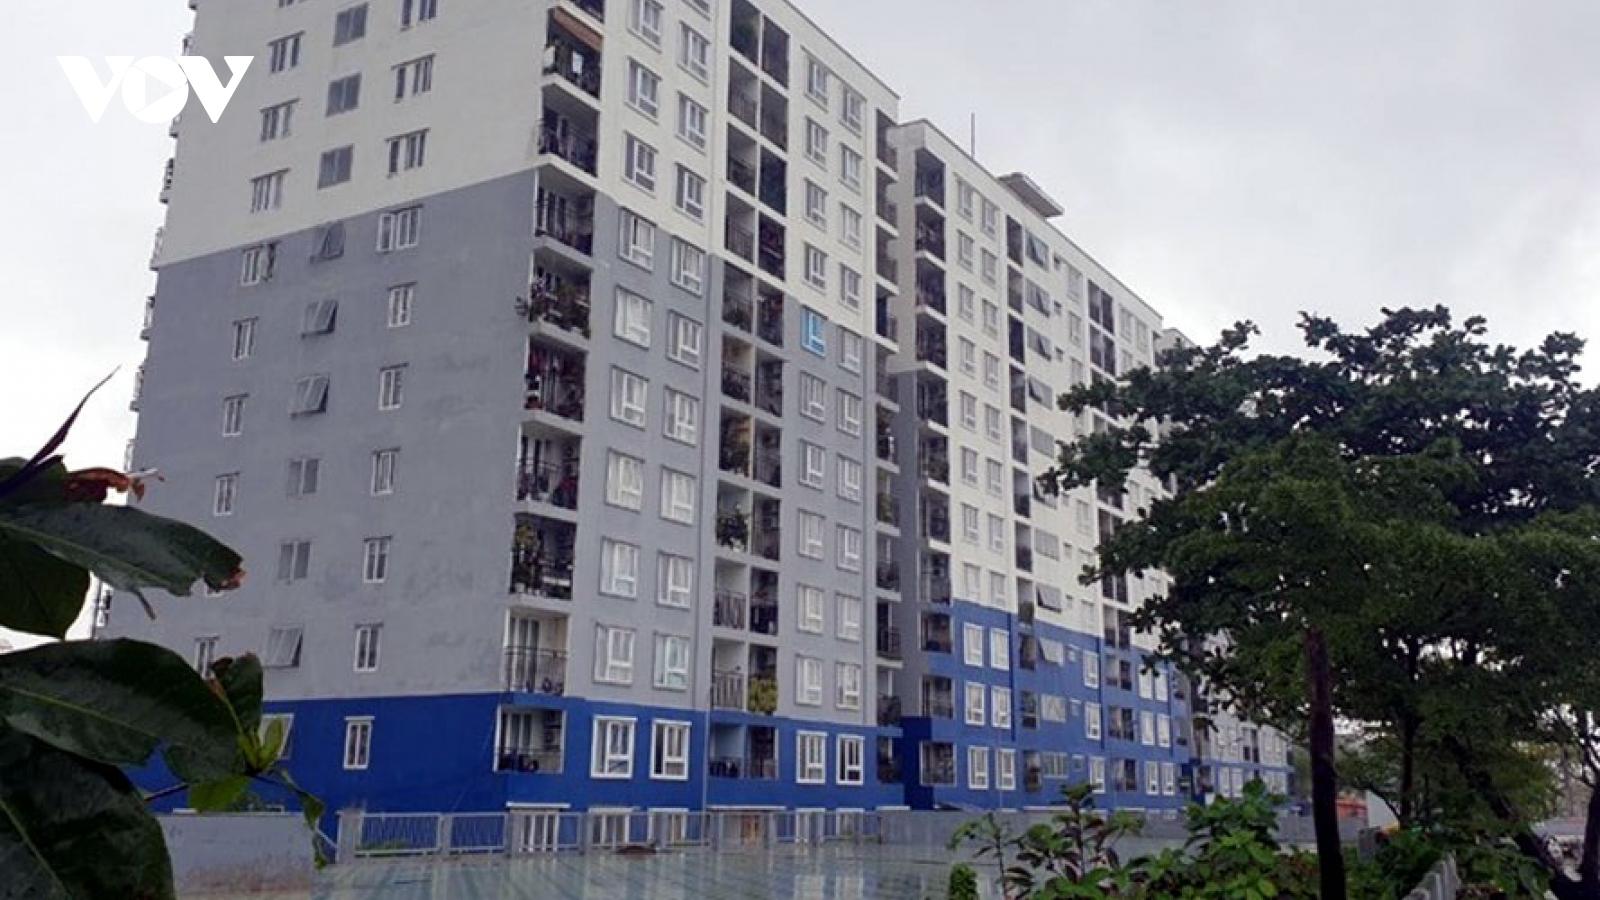 71 trường hợp được bố trí chung cư nhà ở xã hội tại Đà Nẵng chưa đúng